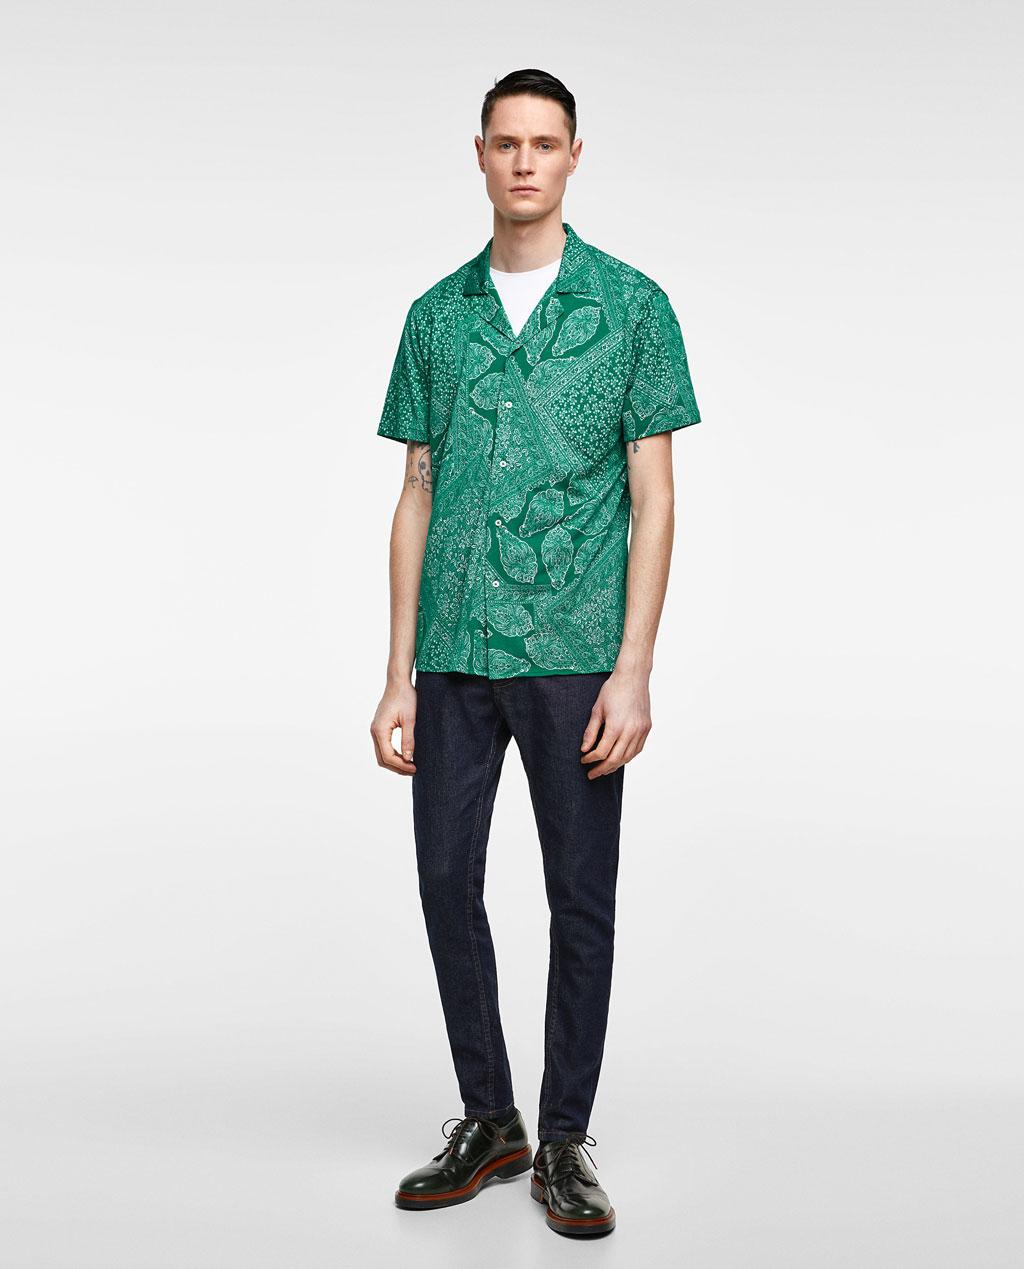 Thời trang nam Zara  23965 - ảnh 3